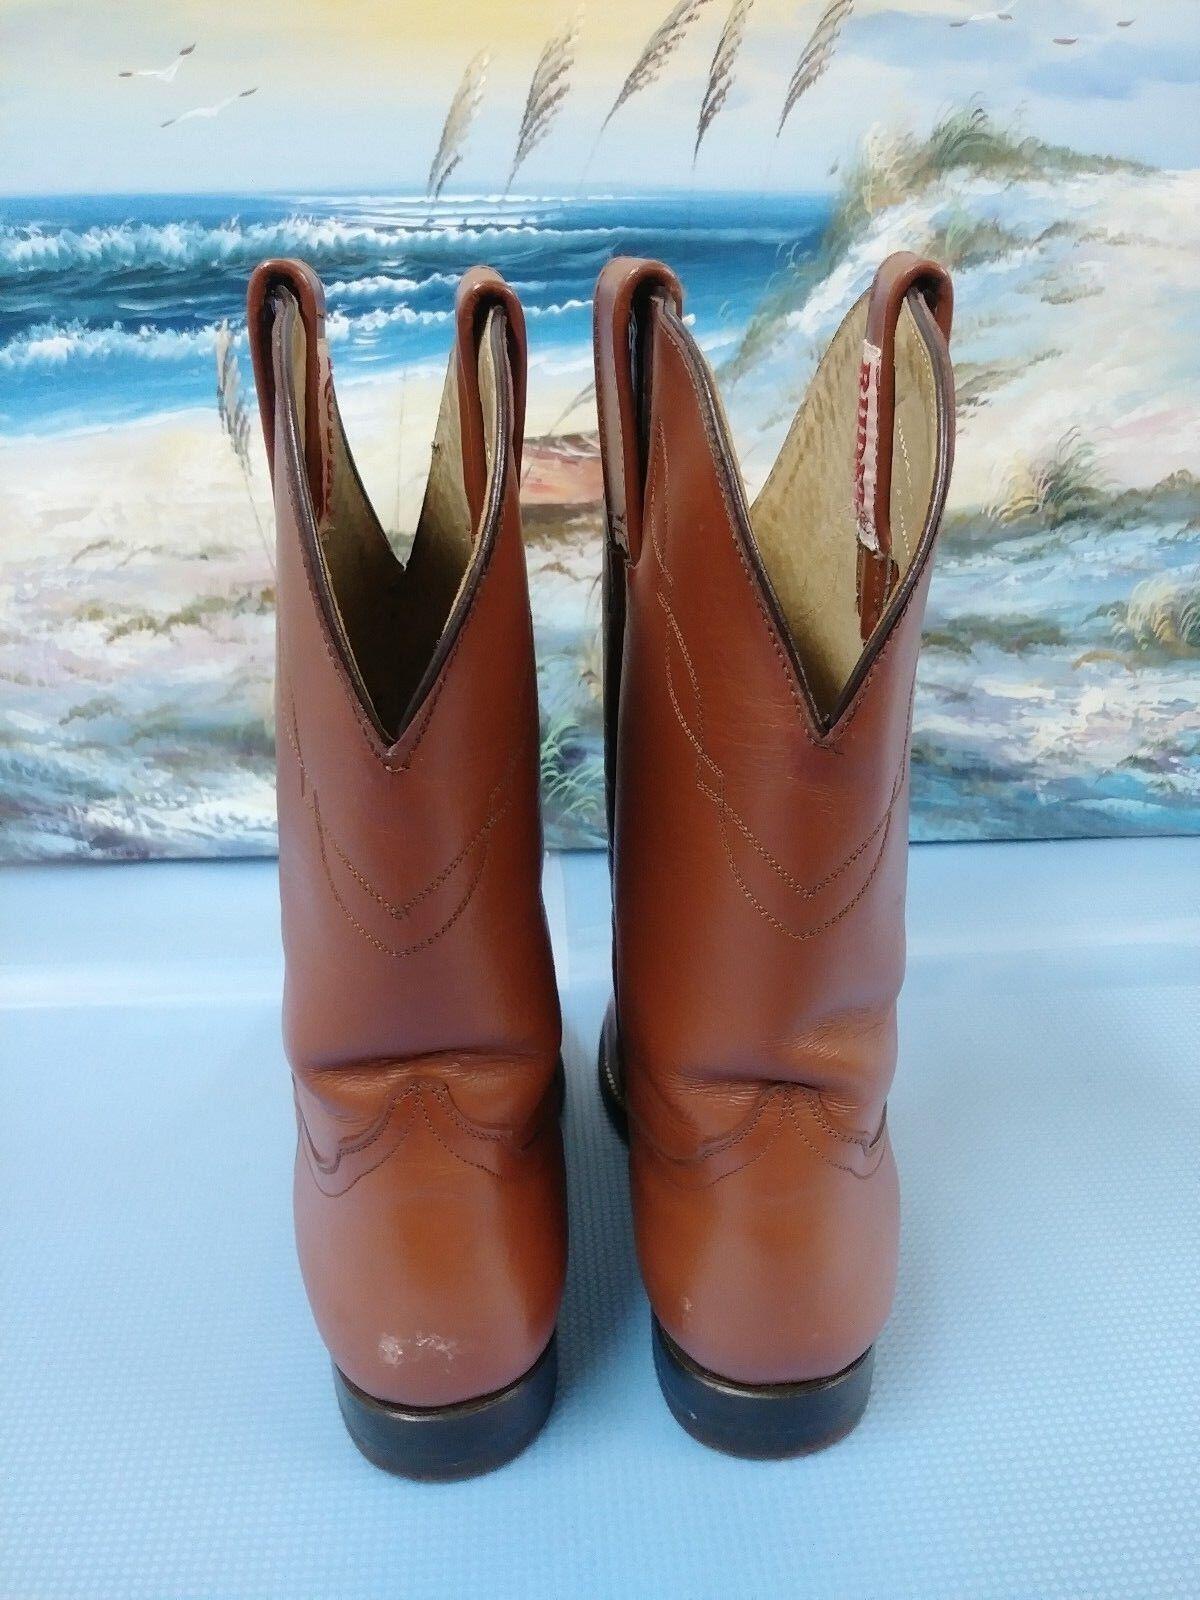 RUDEL WESTERN WESTERN RUDEL LEATHER SOLES BOOT BROWN  Größe 8      24 895934